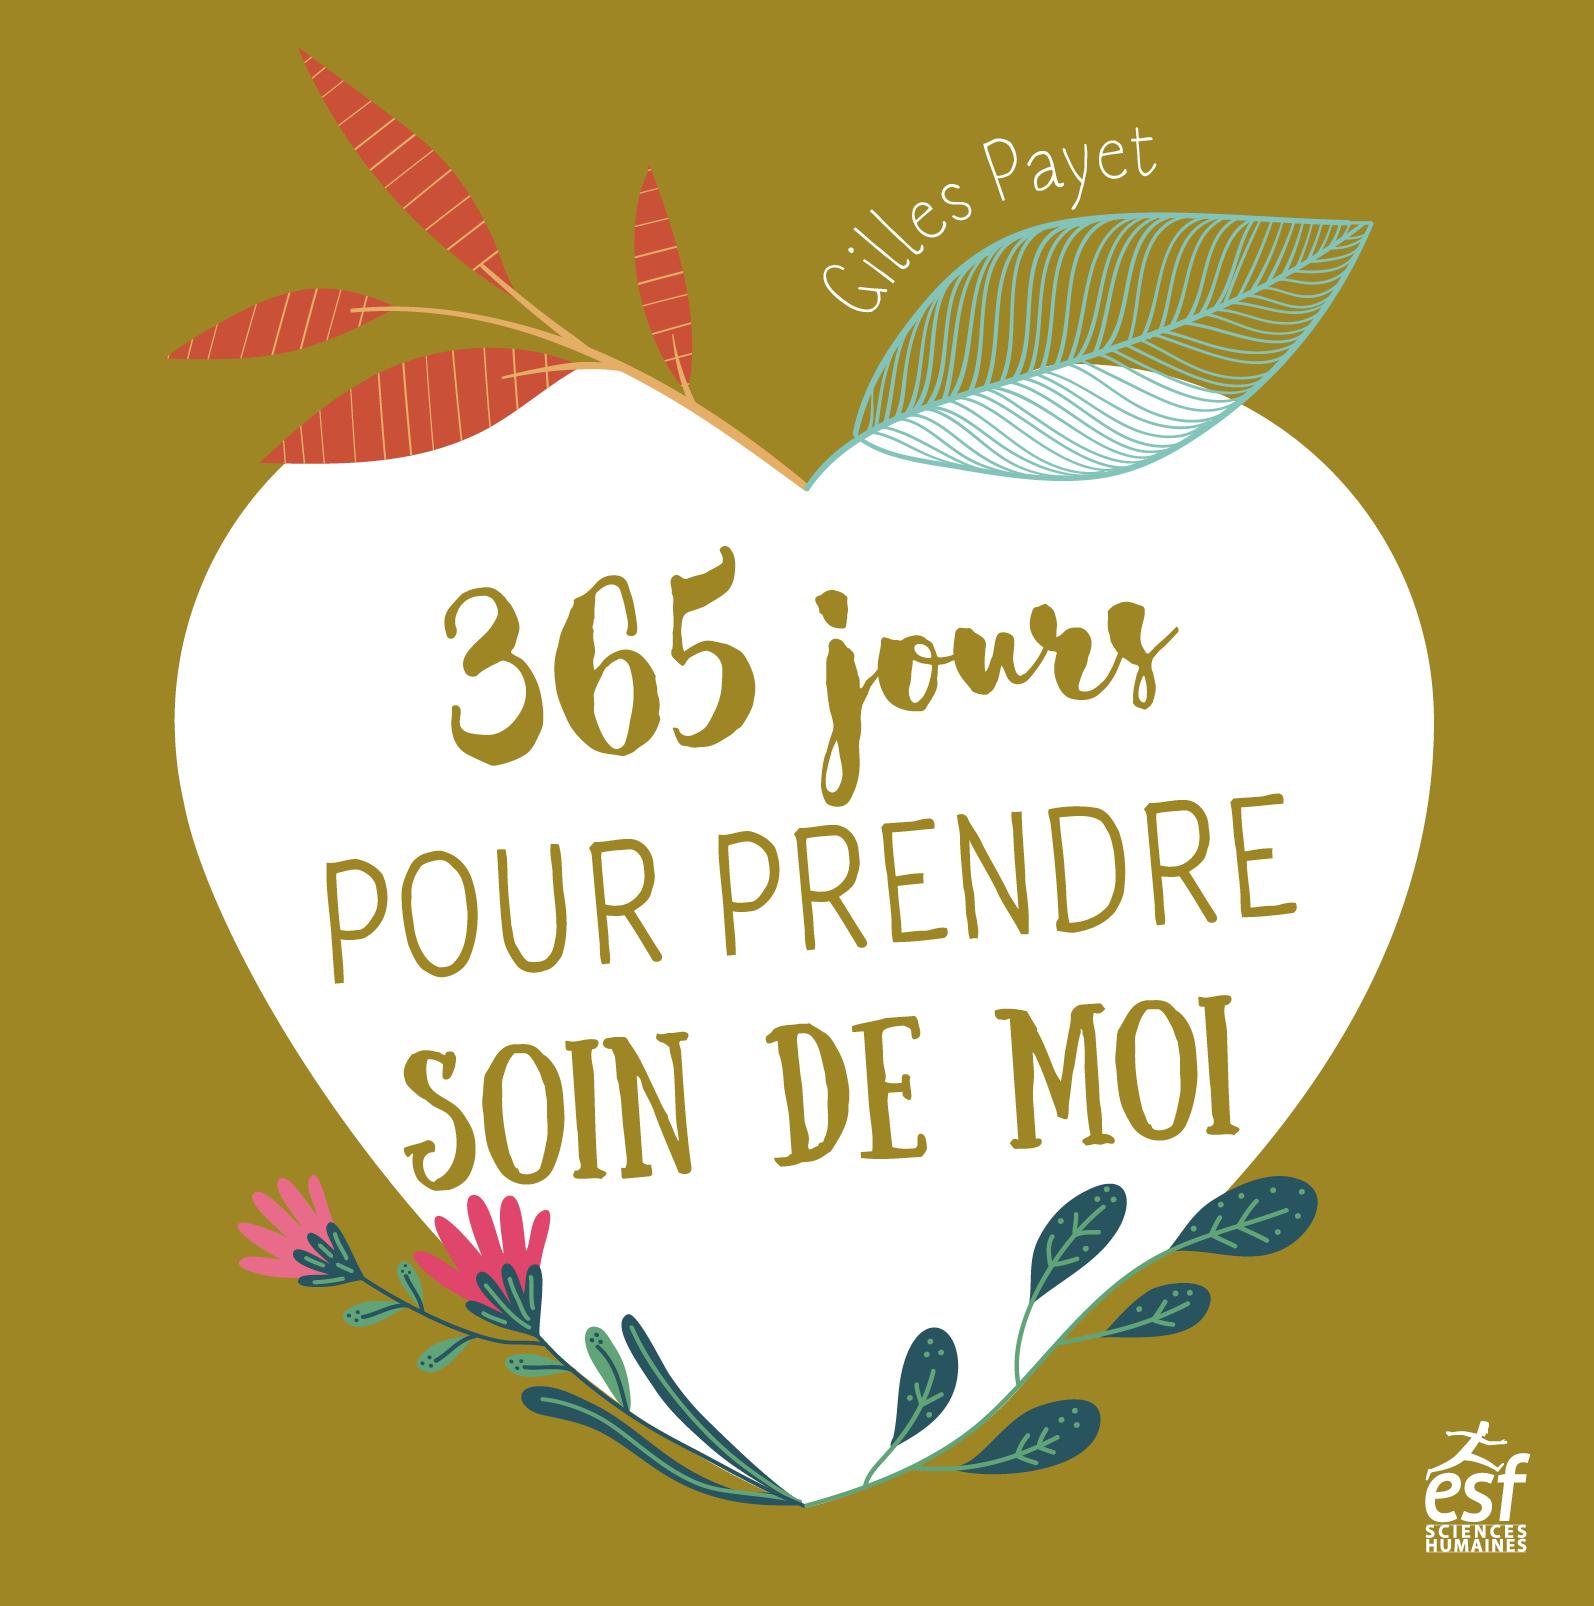 365 JOURS POUR PRENDRE SOIN DE MOI